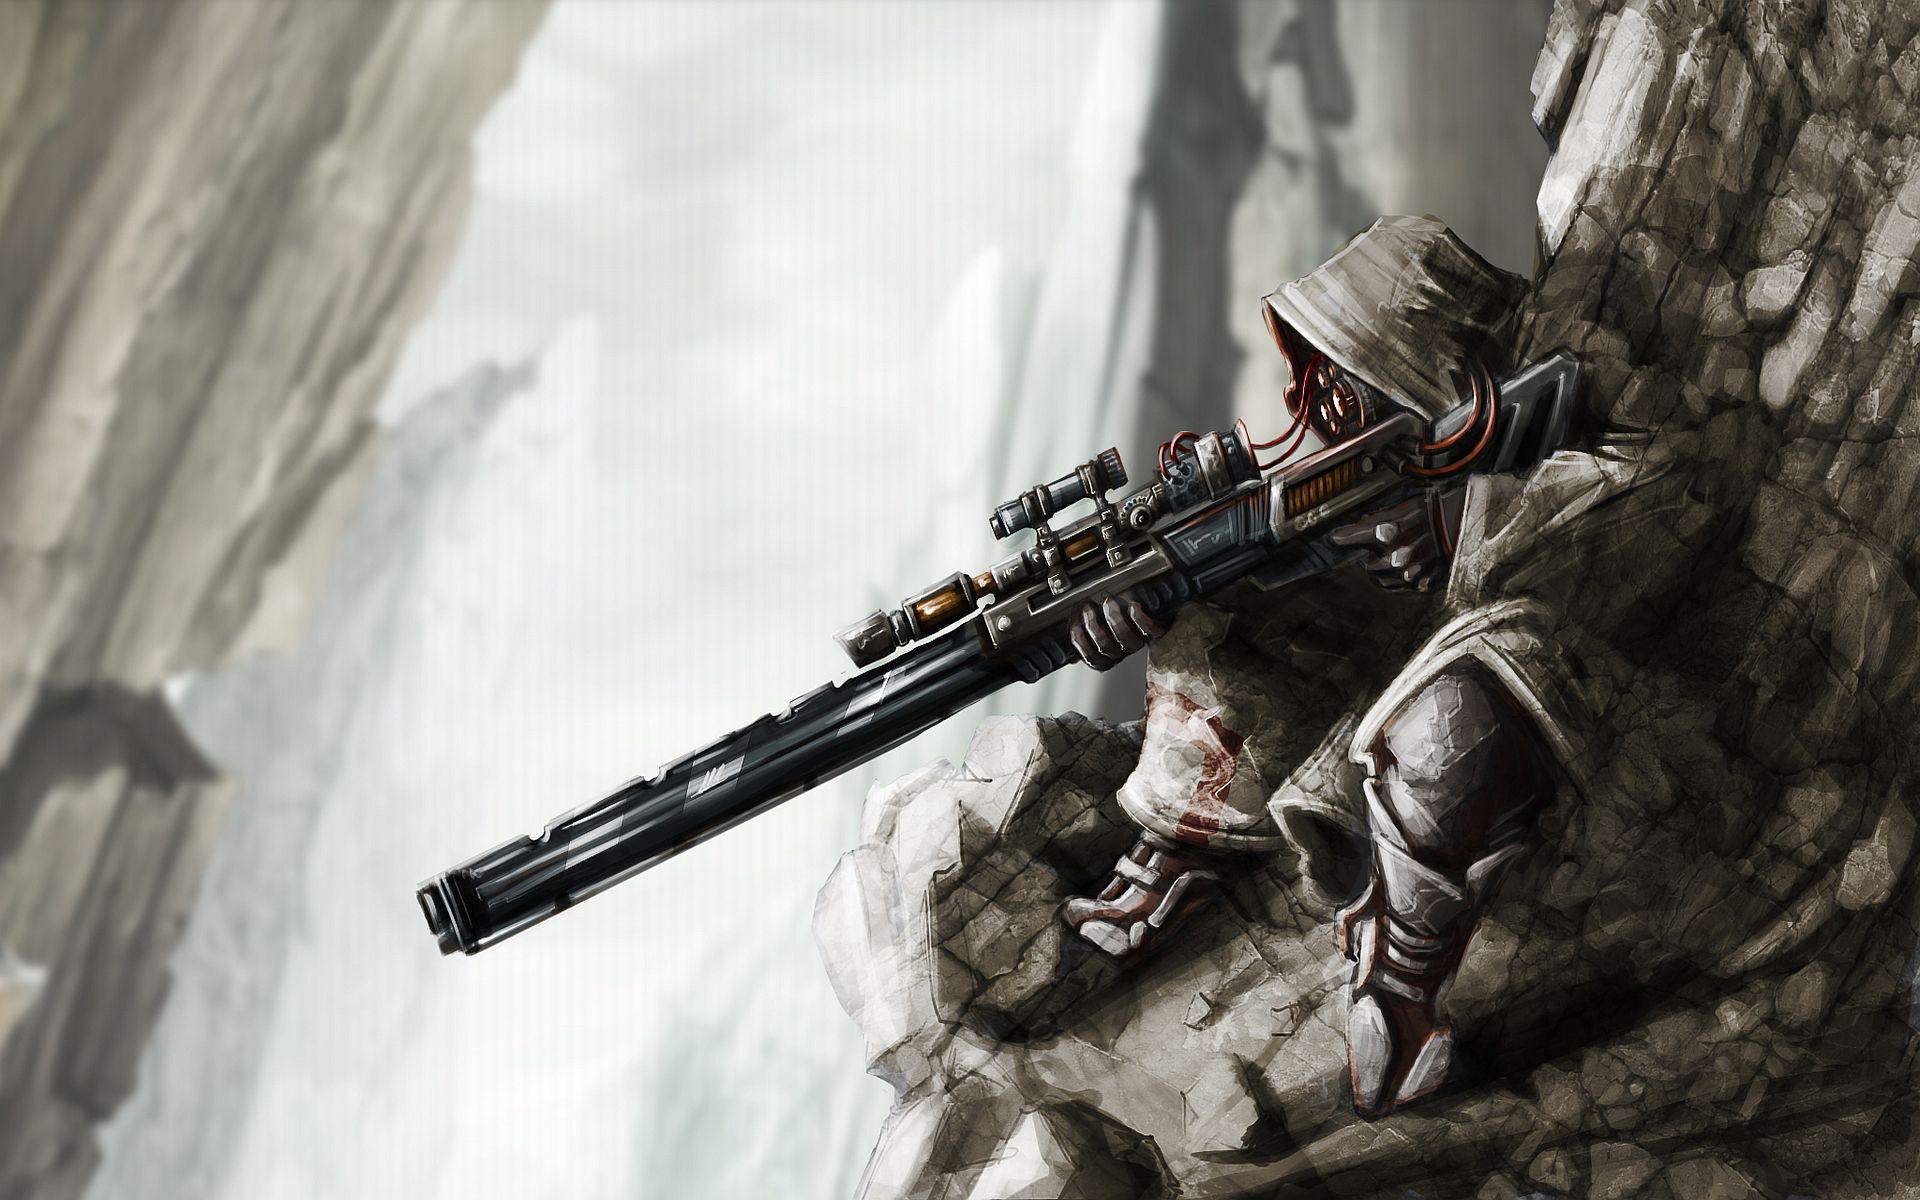 art position sniper rifle rain is marvel sniper HD wallpaper